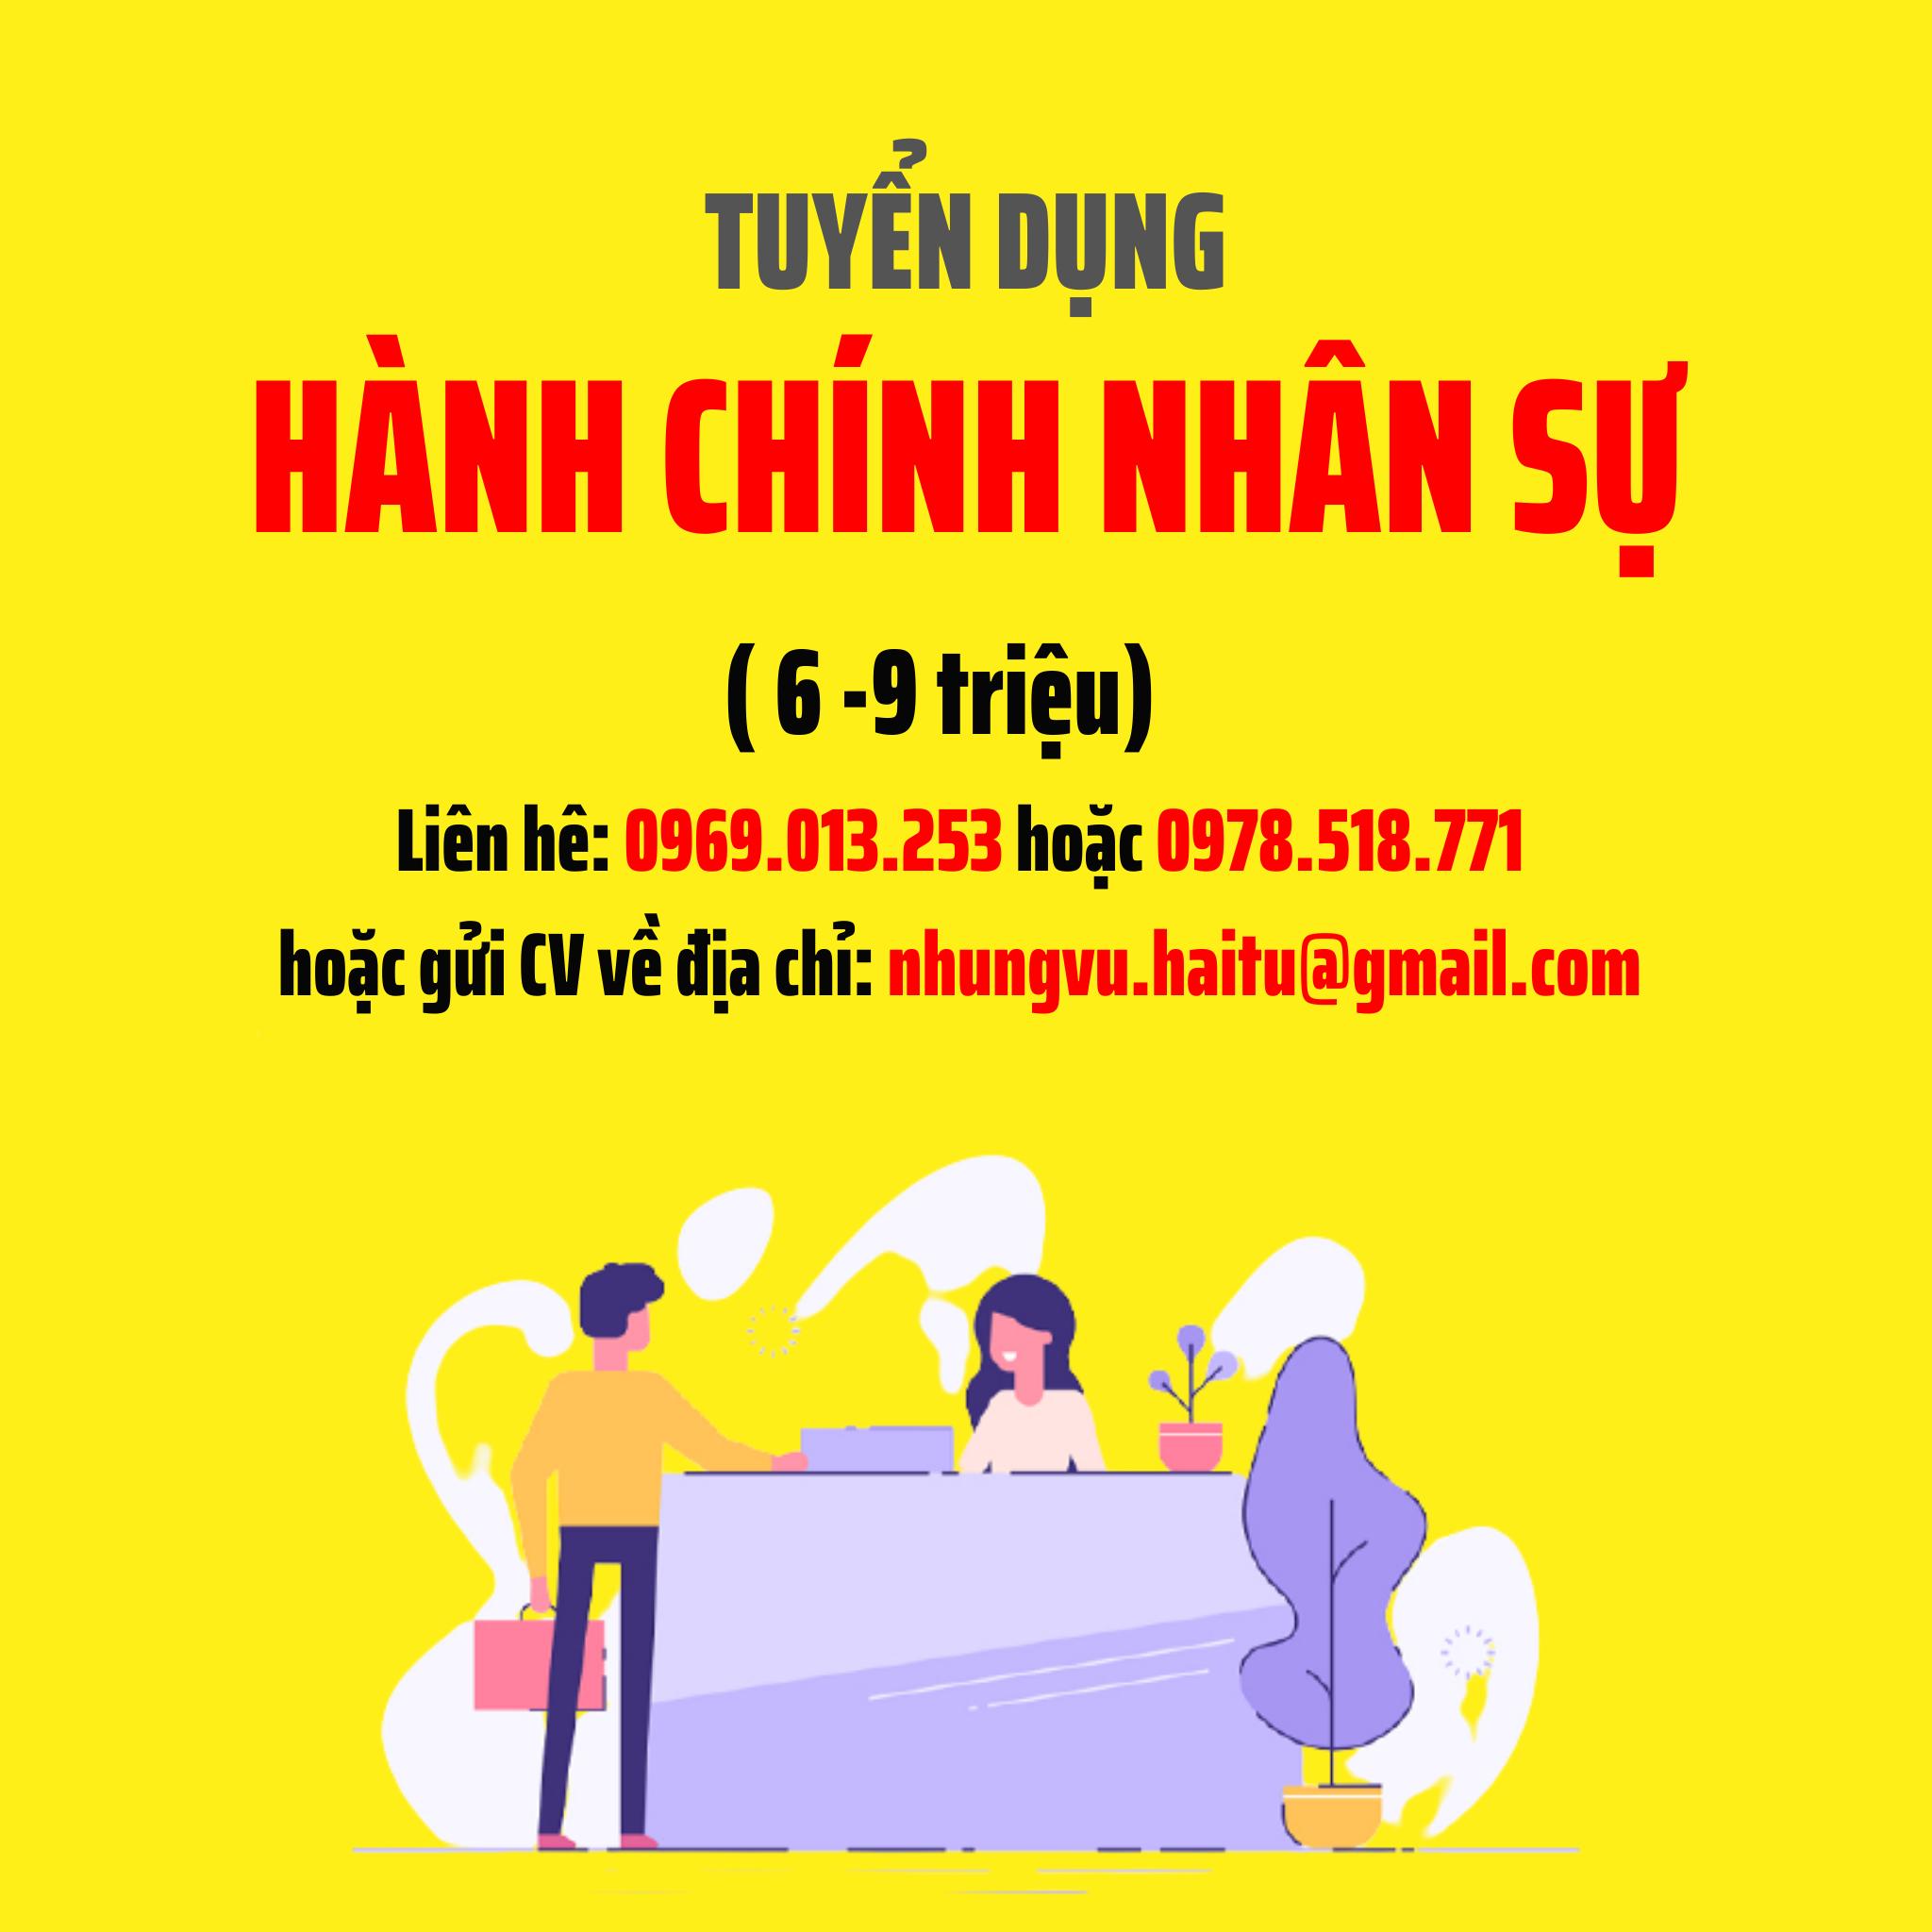 TUYEN DUNG VI TRI HANH CHINH NHAN SU